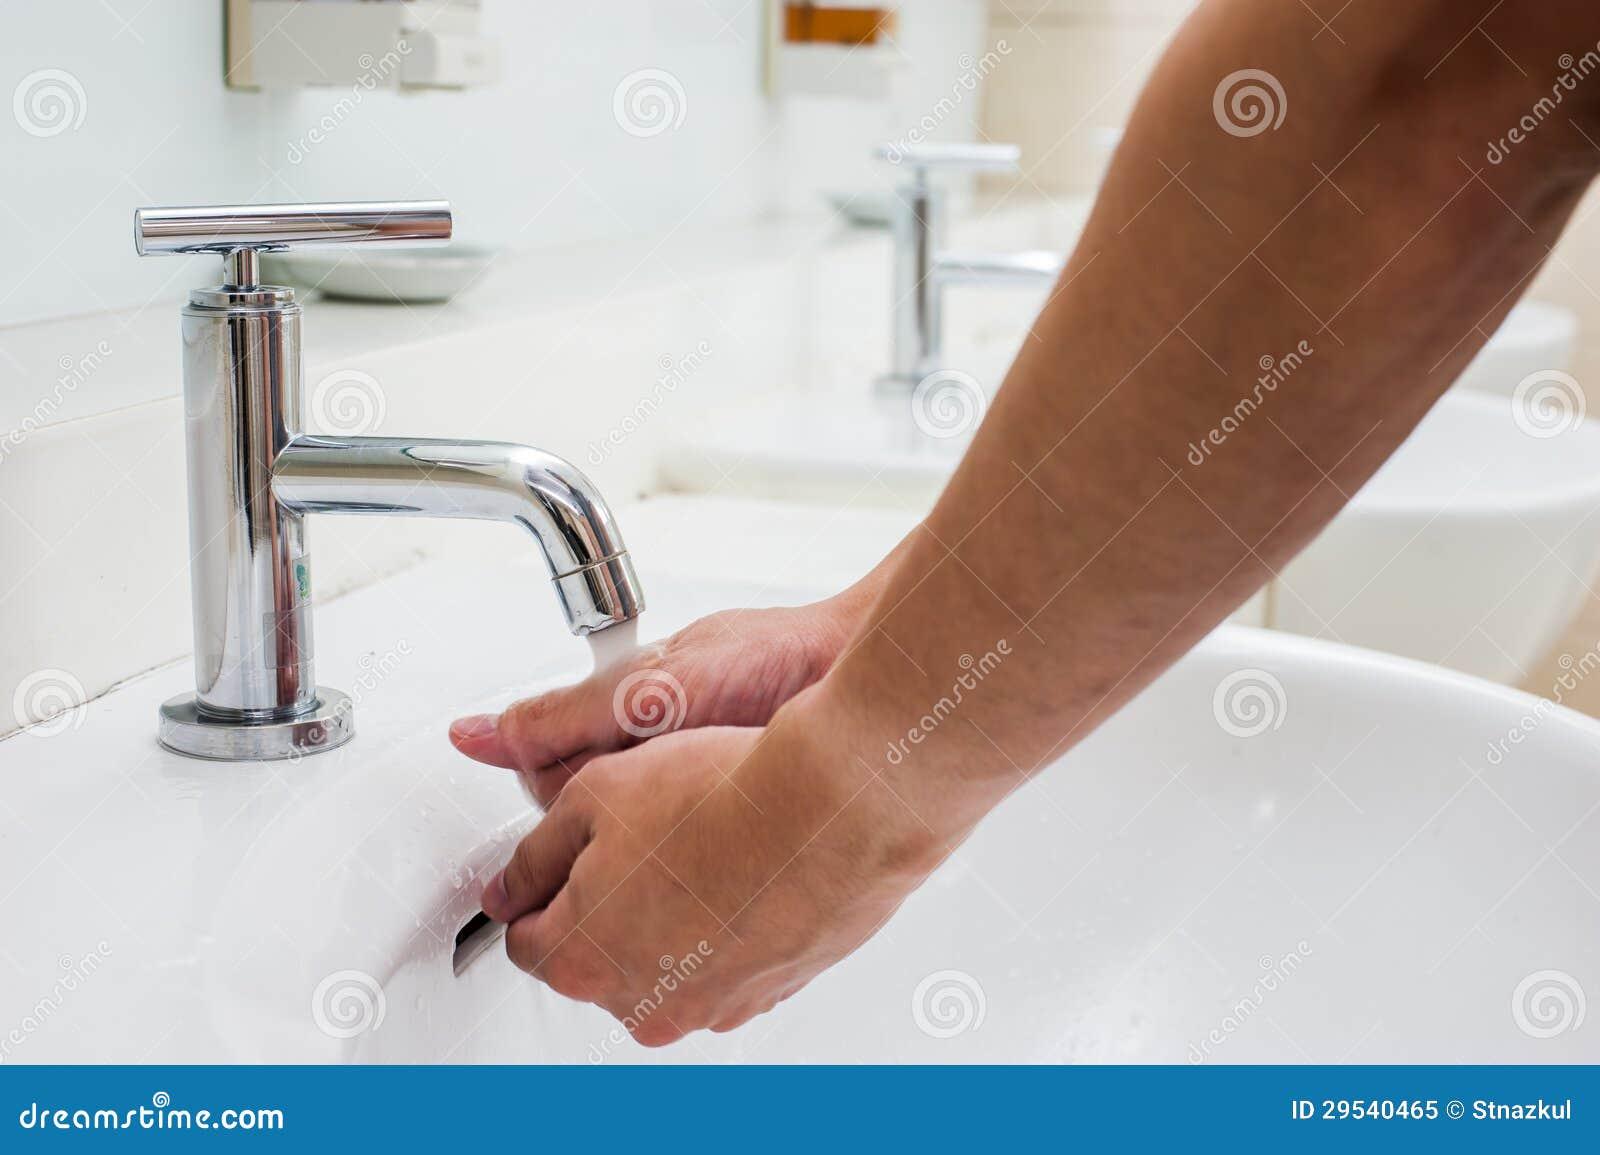 Mão de lavagem no torneira no local de repouso